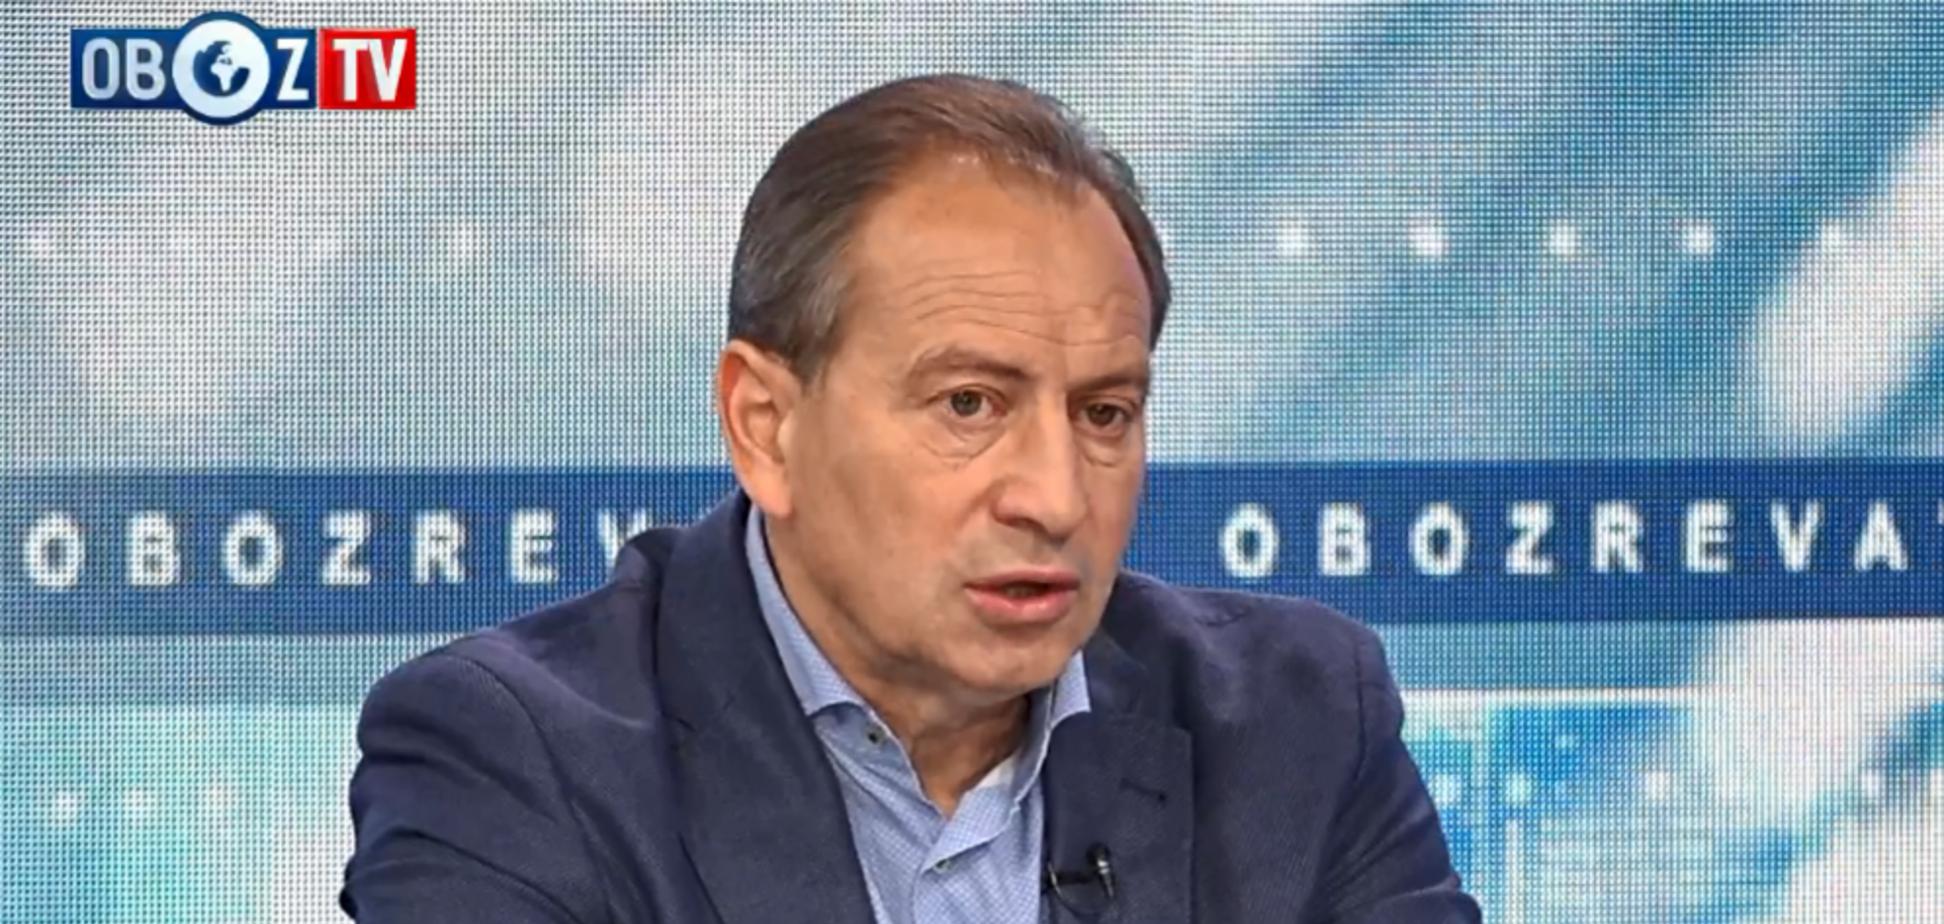 'Зеленский пошел по сценарию Путина': политик оценил обмен пленными